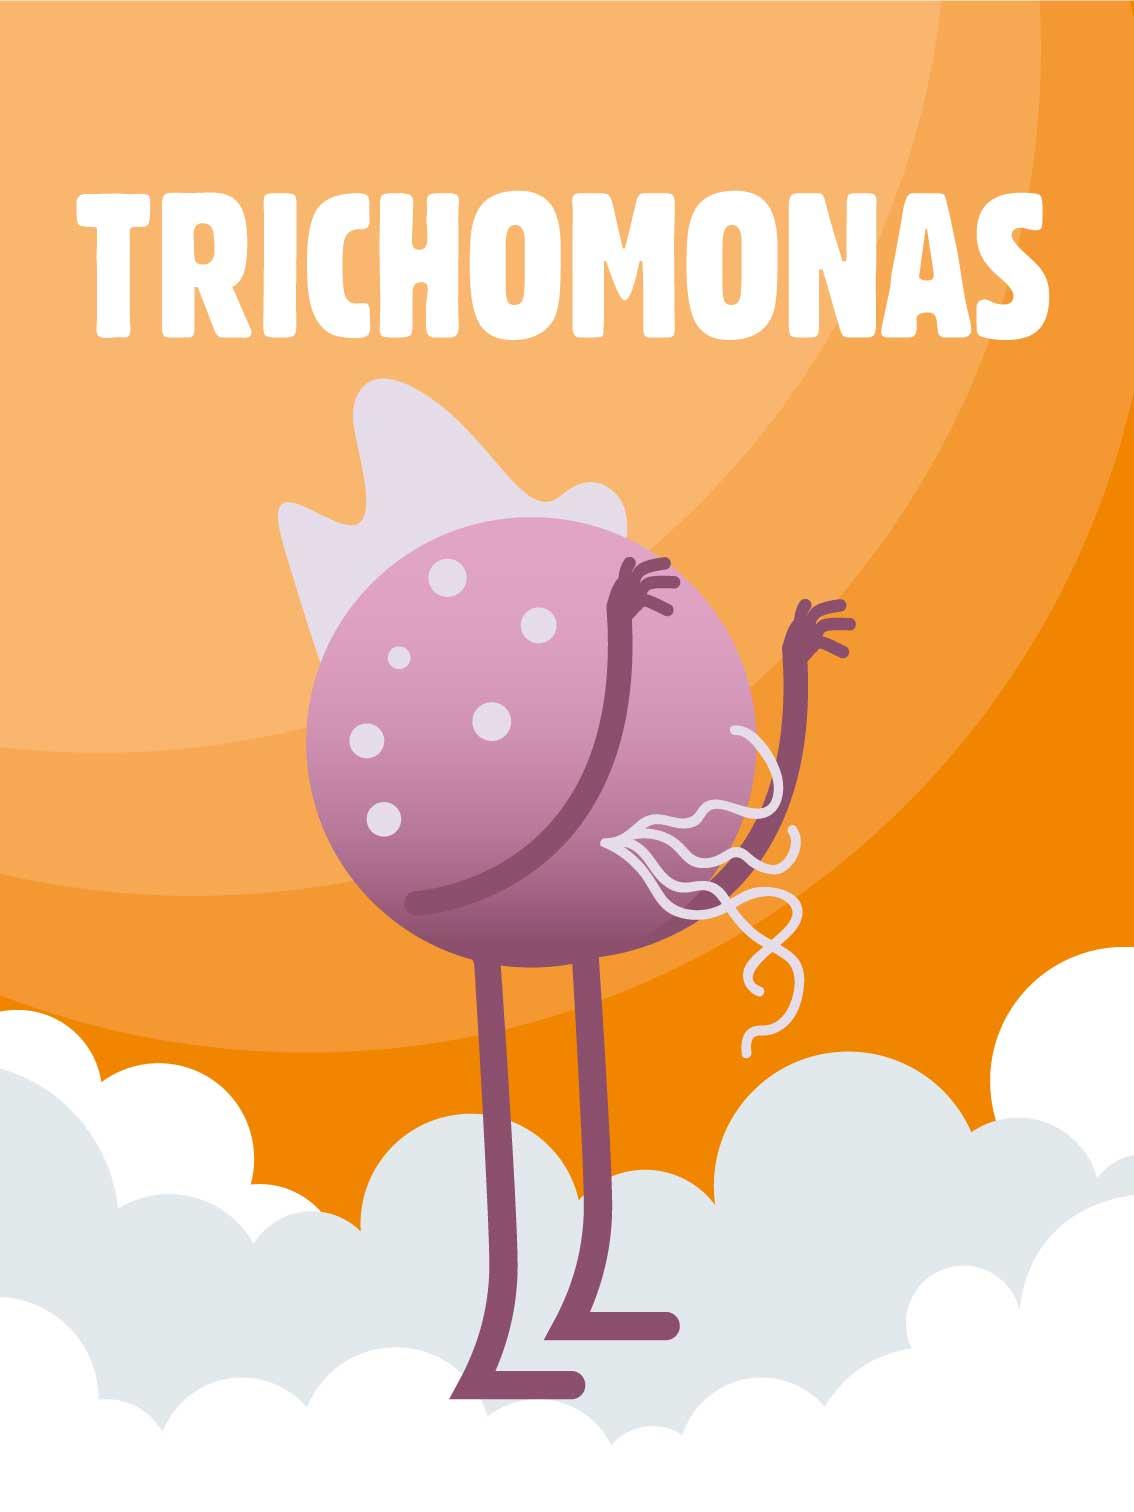 trichomonas, dépistage, IST, MST, infections sexuellement transmissibles, rapport sexuel à risque